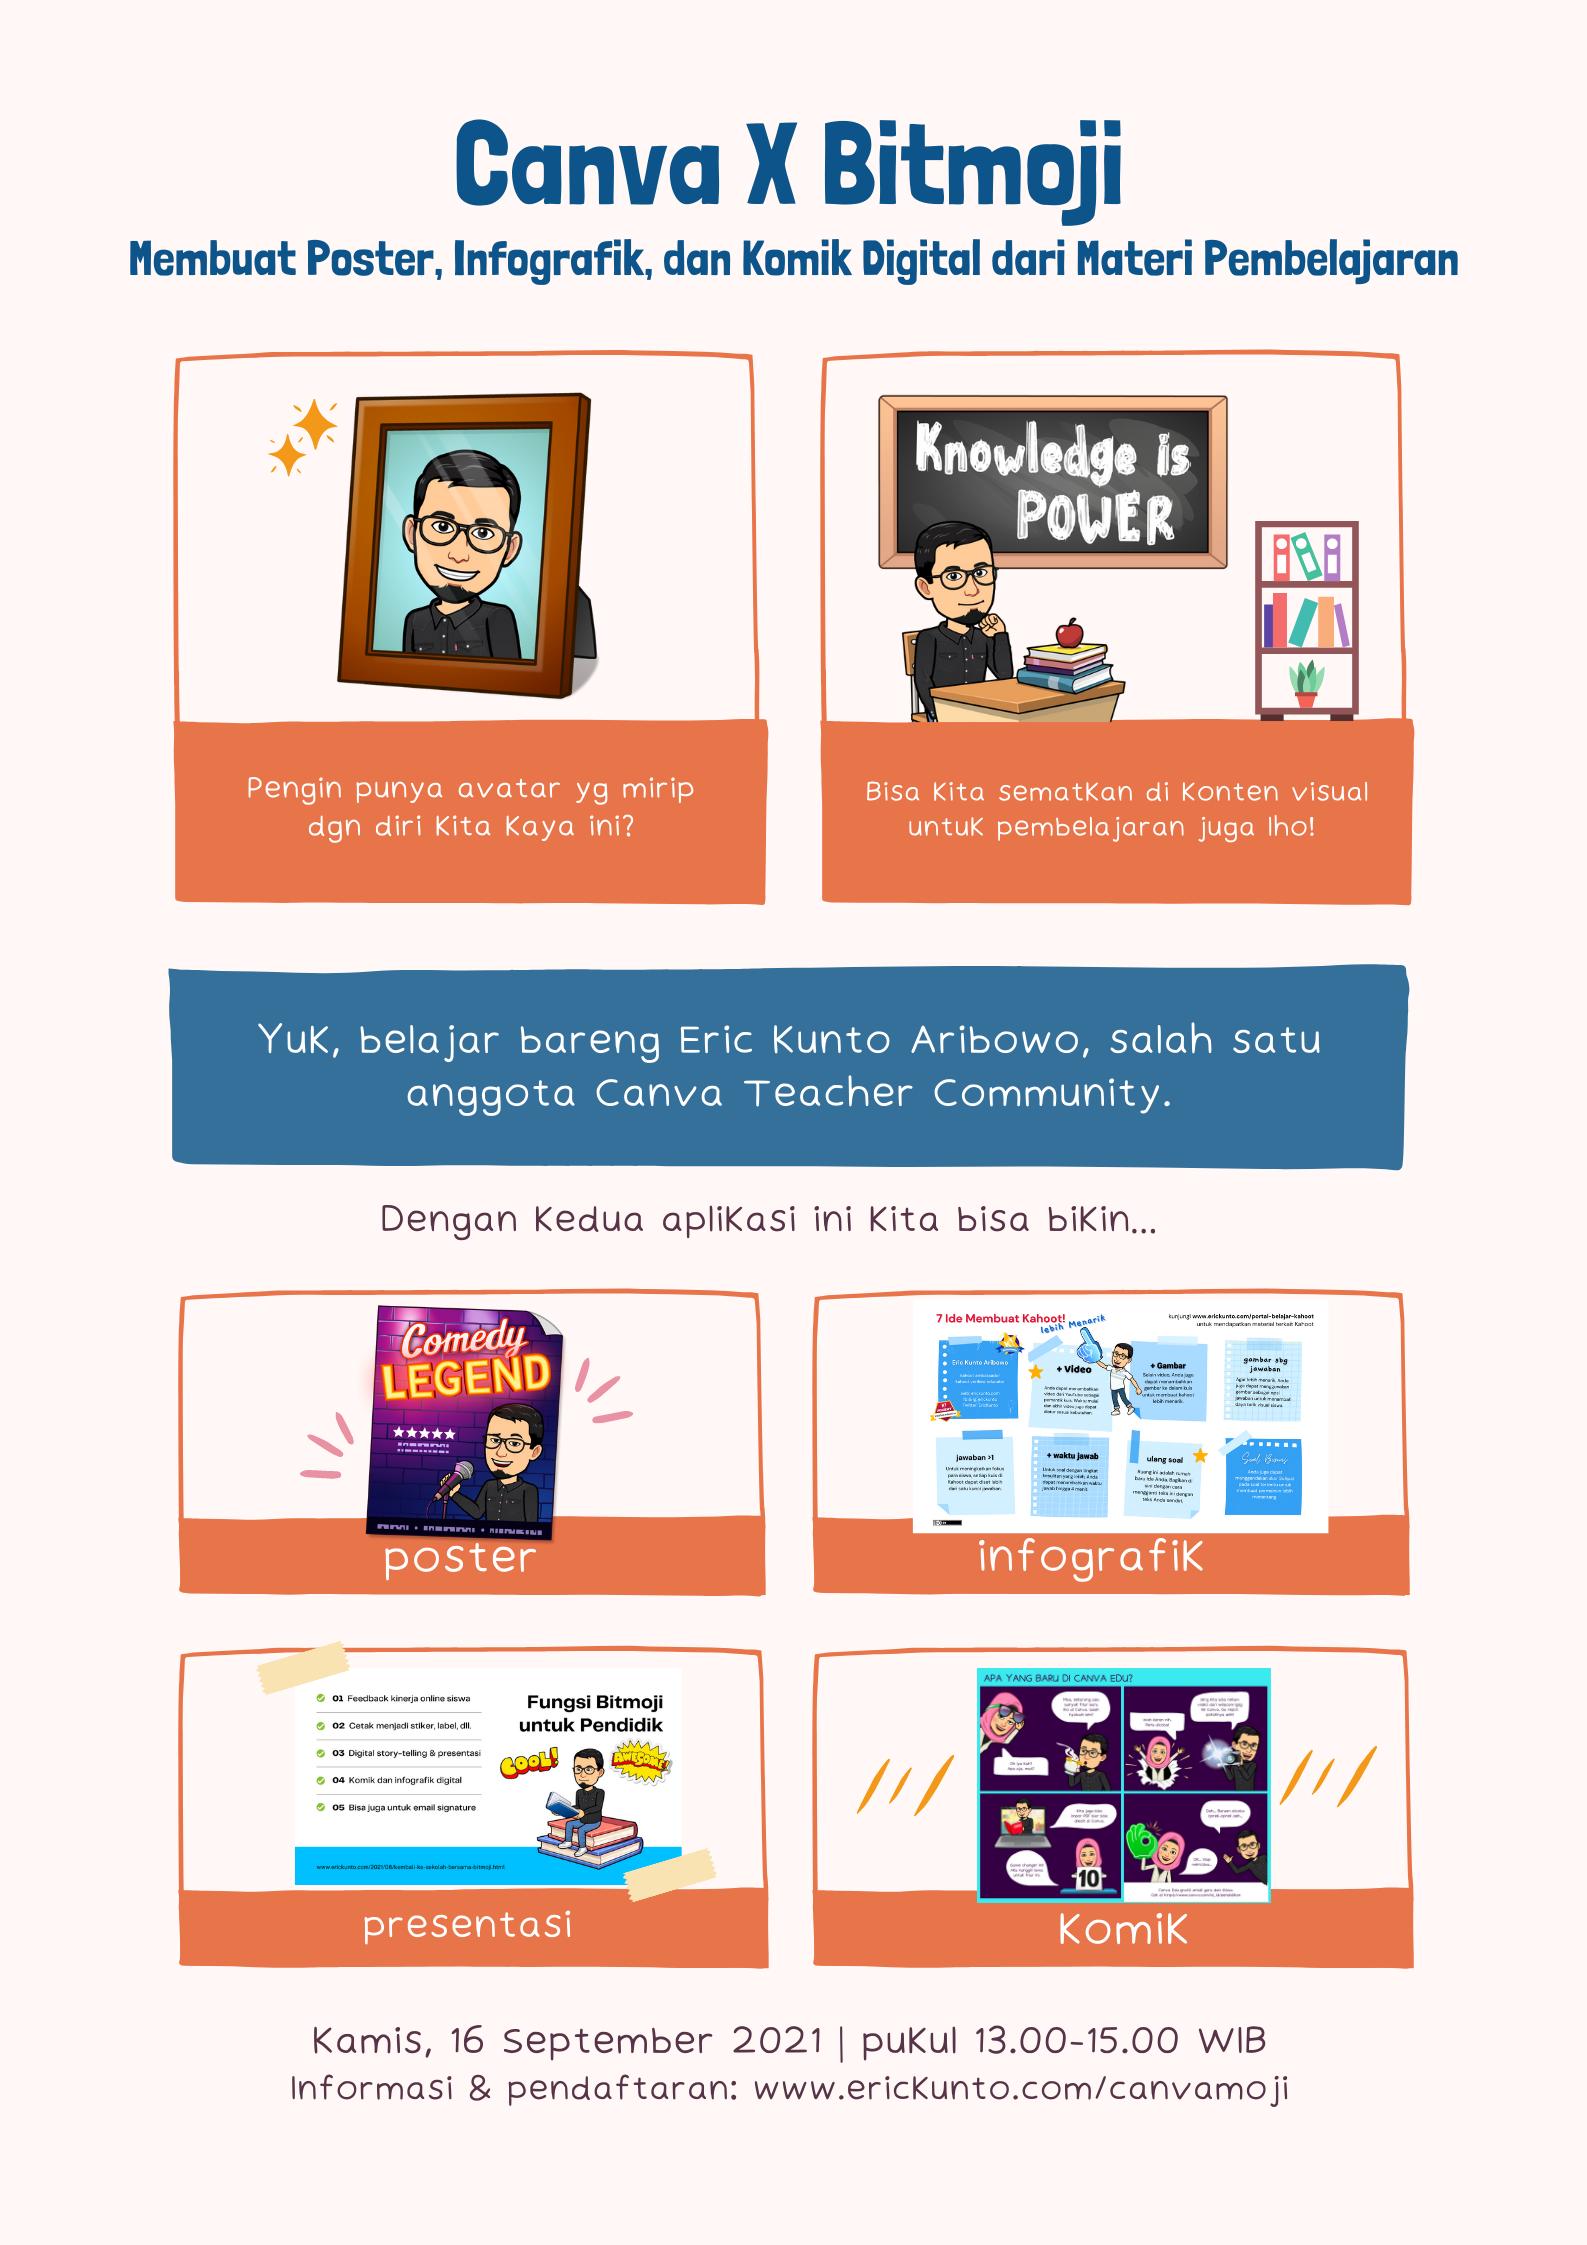 Canva X Bitmoji: Membuat Poster, Infografik, dan Komik Digital dari Materi Pembelajaran